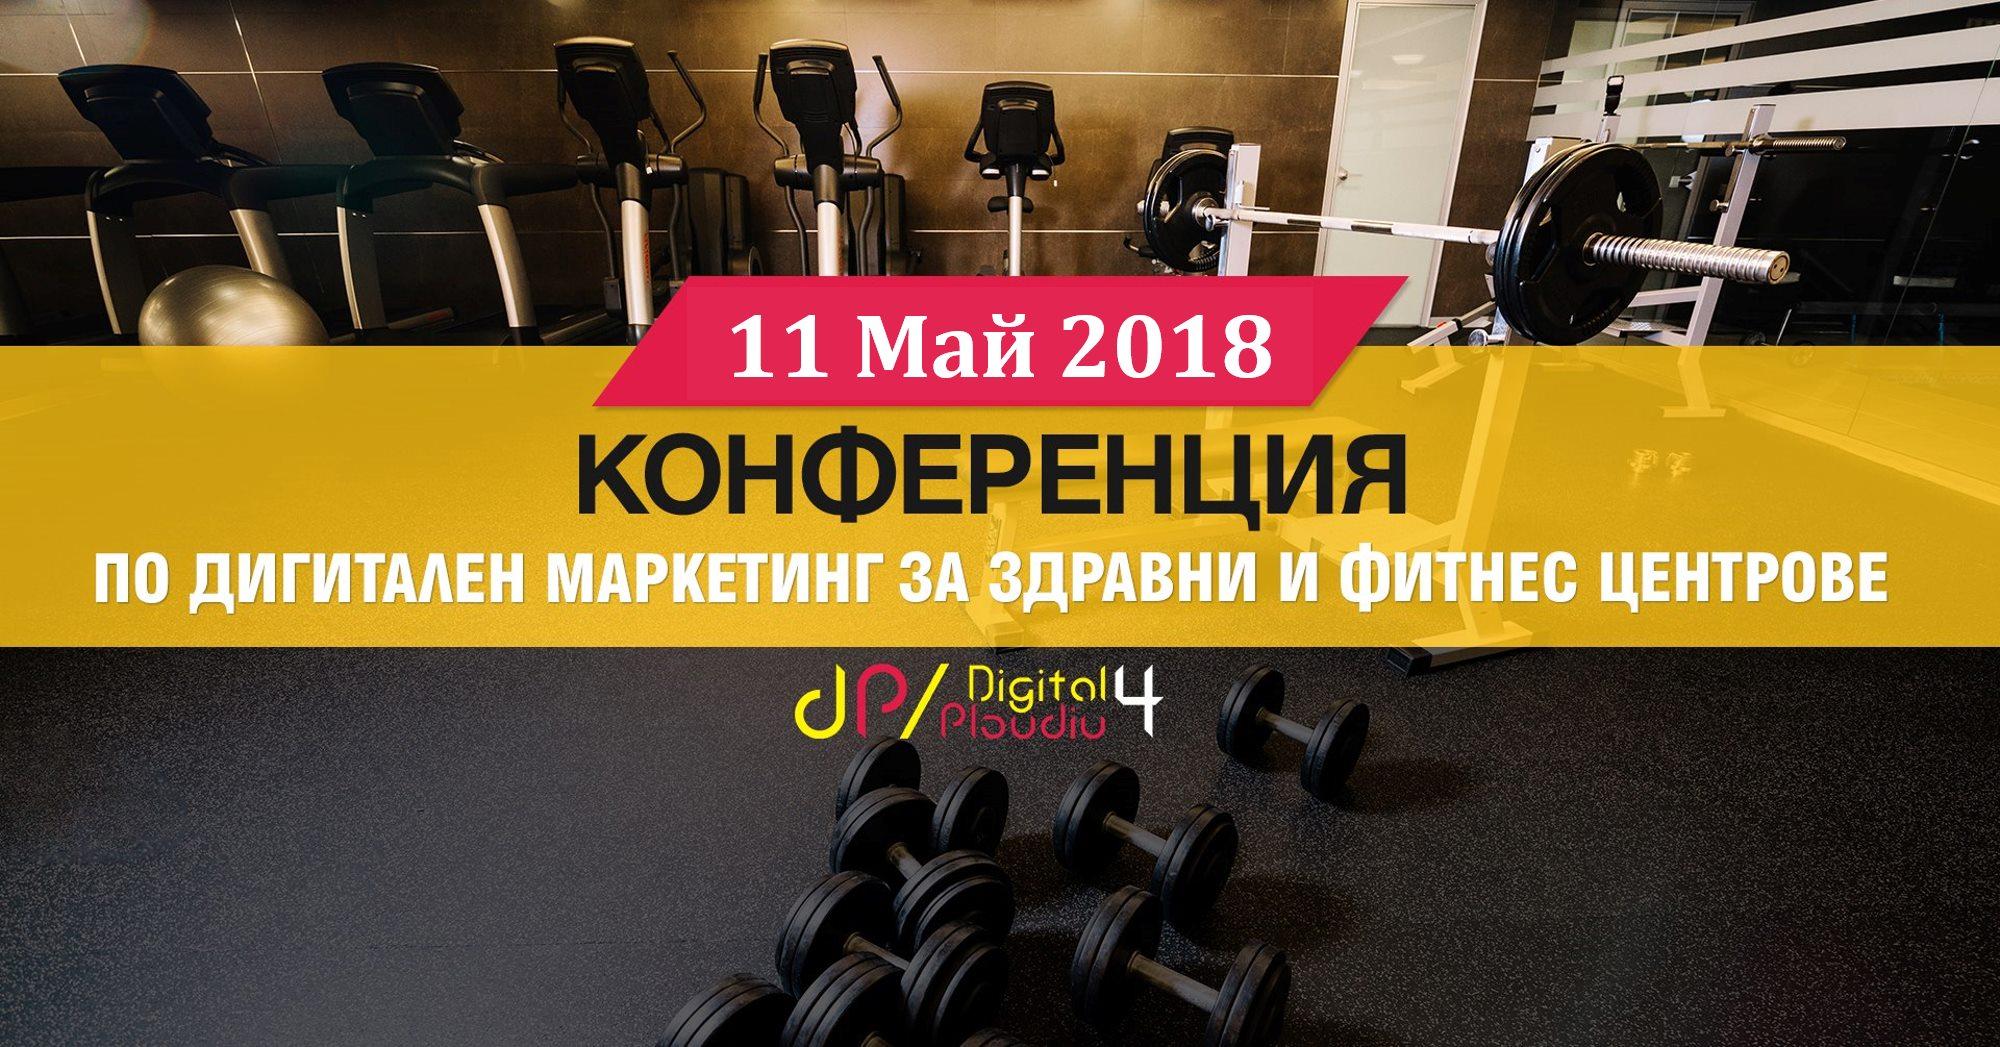 конференция, дигитален маркетинг, здравни и фитнес центрове, здраве, фитнес, маркетинг, онлайн